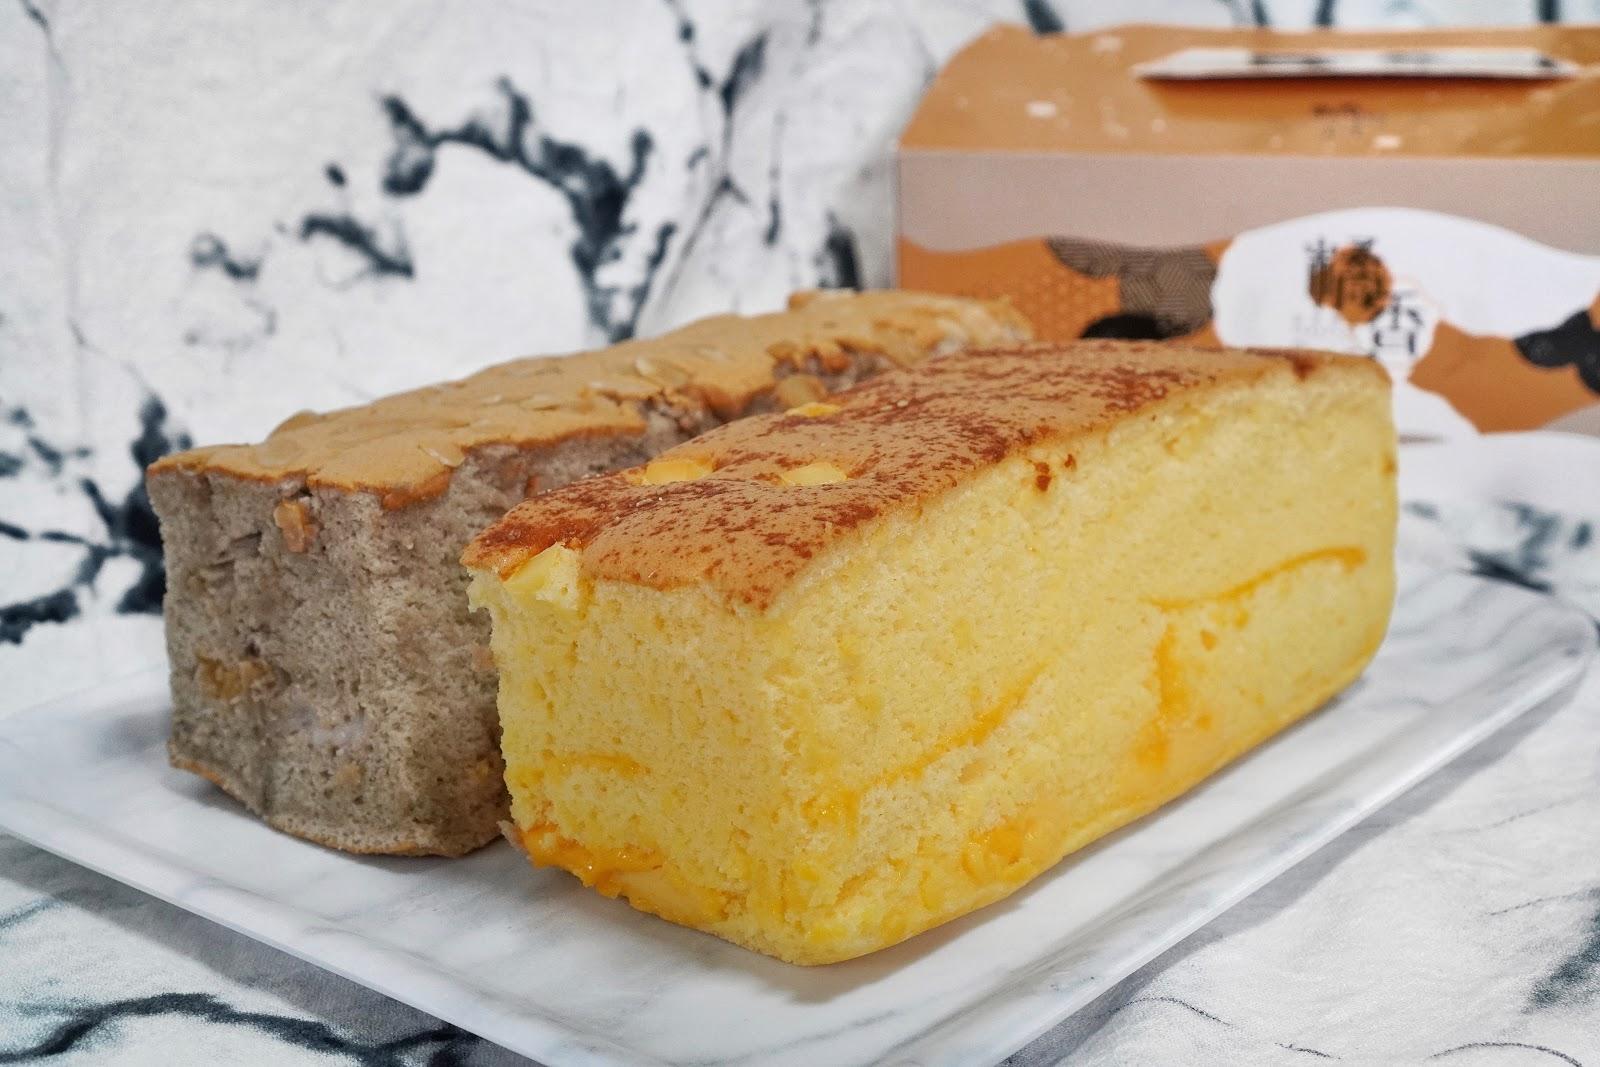 台南中西區美食【橘香合-蛋糕職人】古早味蛋糕香濃起司